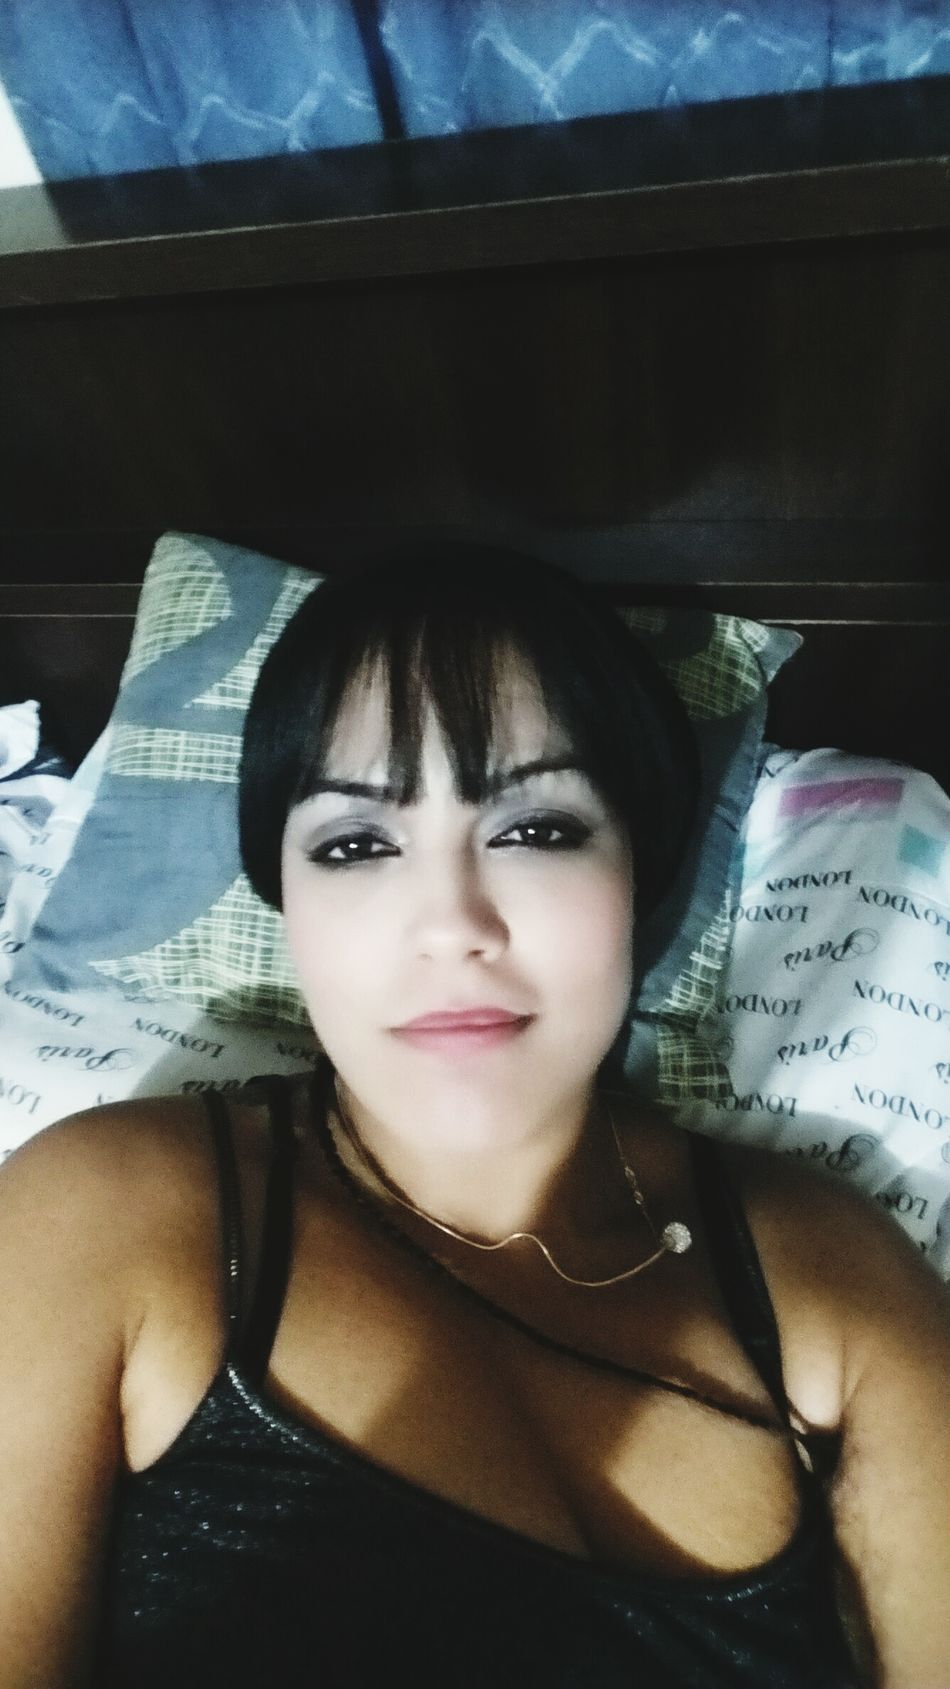 MakeItHappen Live,eat,prayandlove Hello Fellas! Sexyselfie Badgirl♡ Queen👑 Ilovelife💖 Makeherhappy Ineedyou  Bang Bang!!  MyWorldInPictures